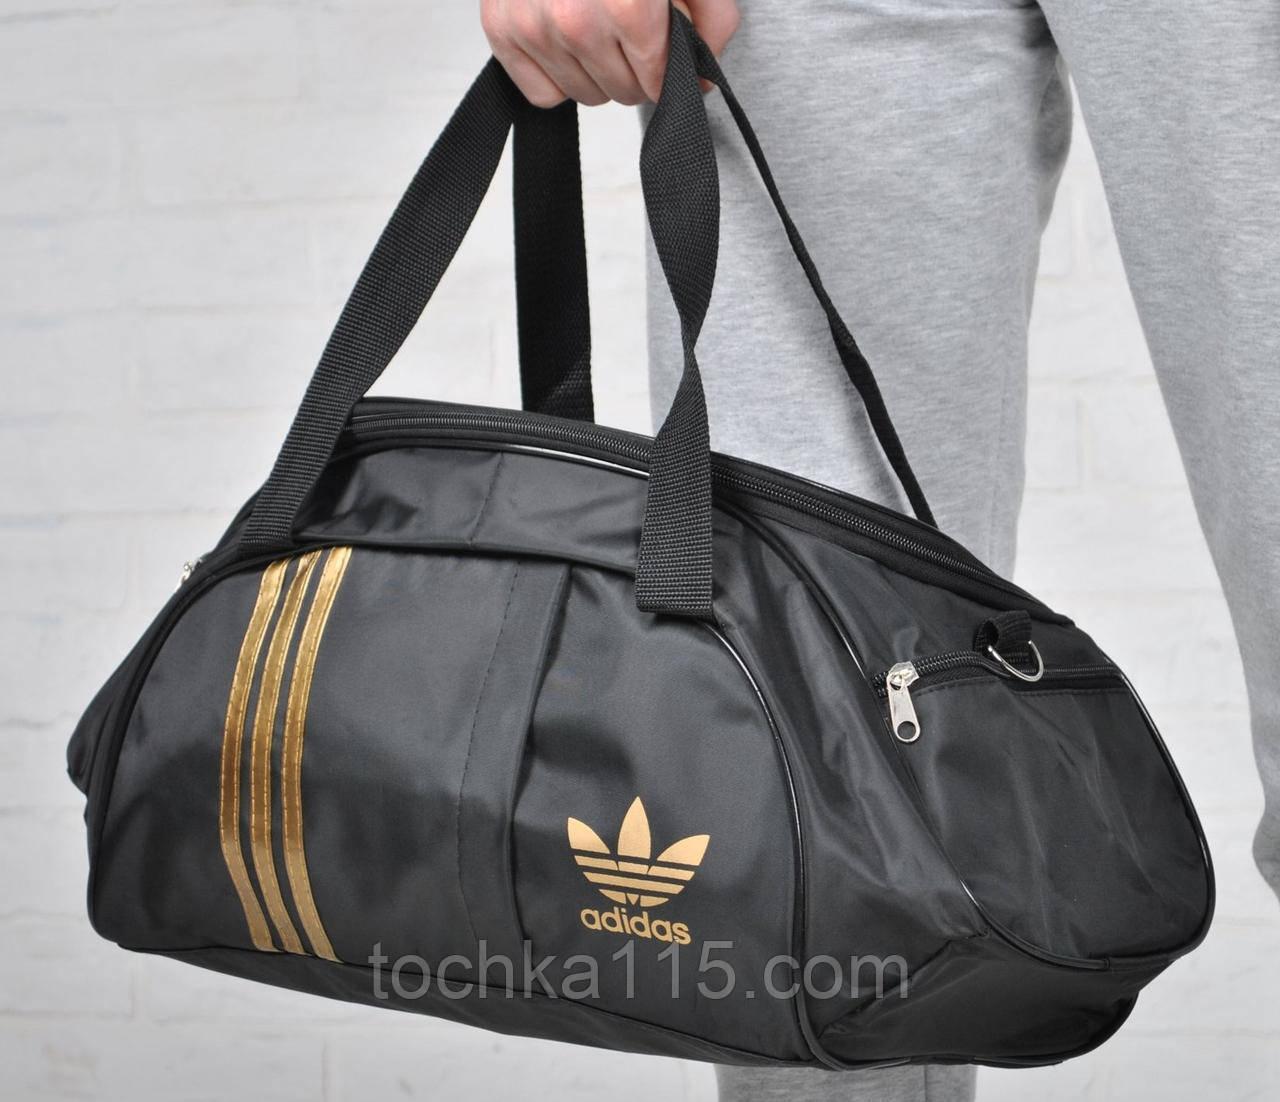 9d5e7860 Спортивная сумка для тренировок Adidas, фитнес сумка розовый/голубой реплика